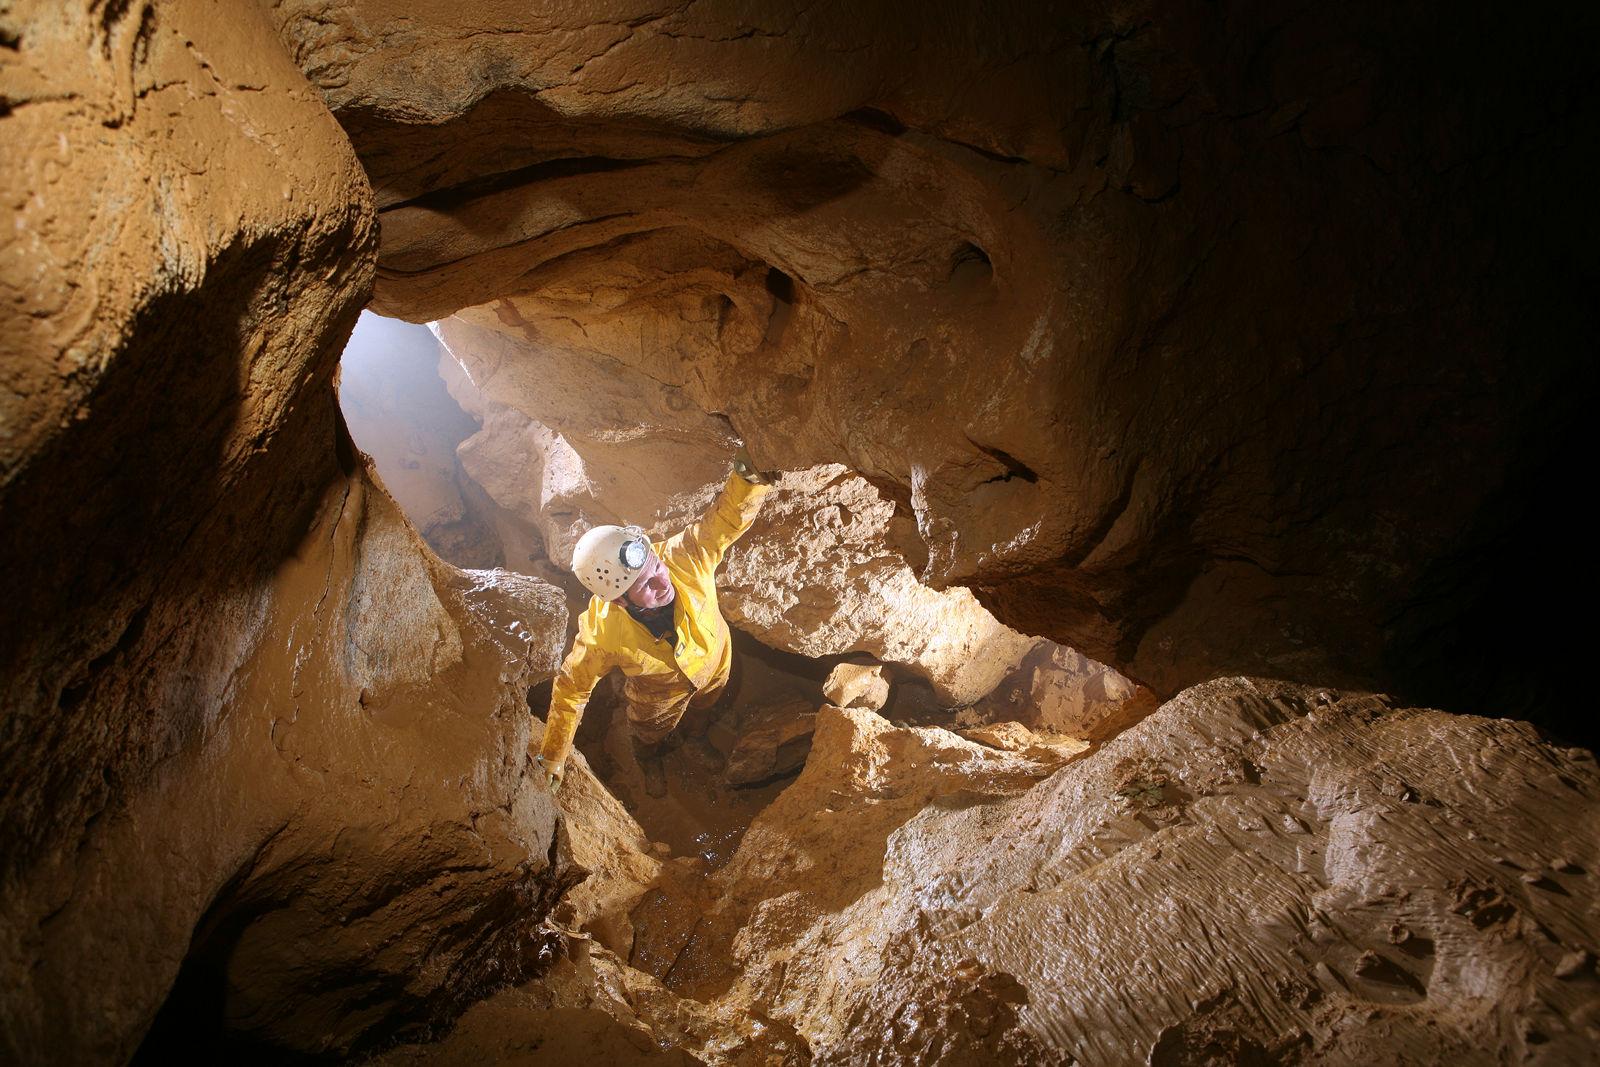 Vor kurzem neuentdeckte Höhlenteile führen nun auf 87 m Tiefe unter die Erdoberfläche hinab